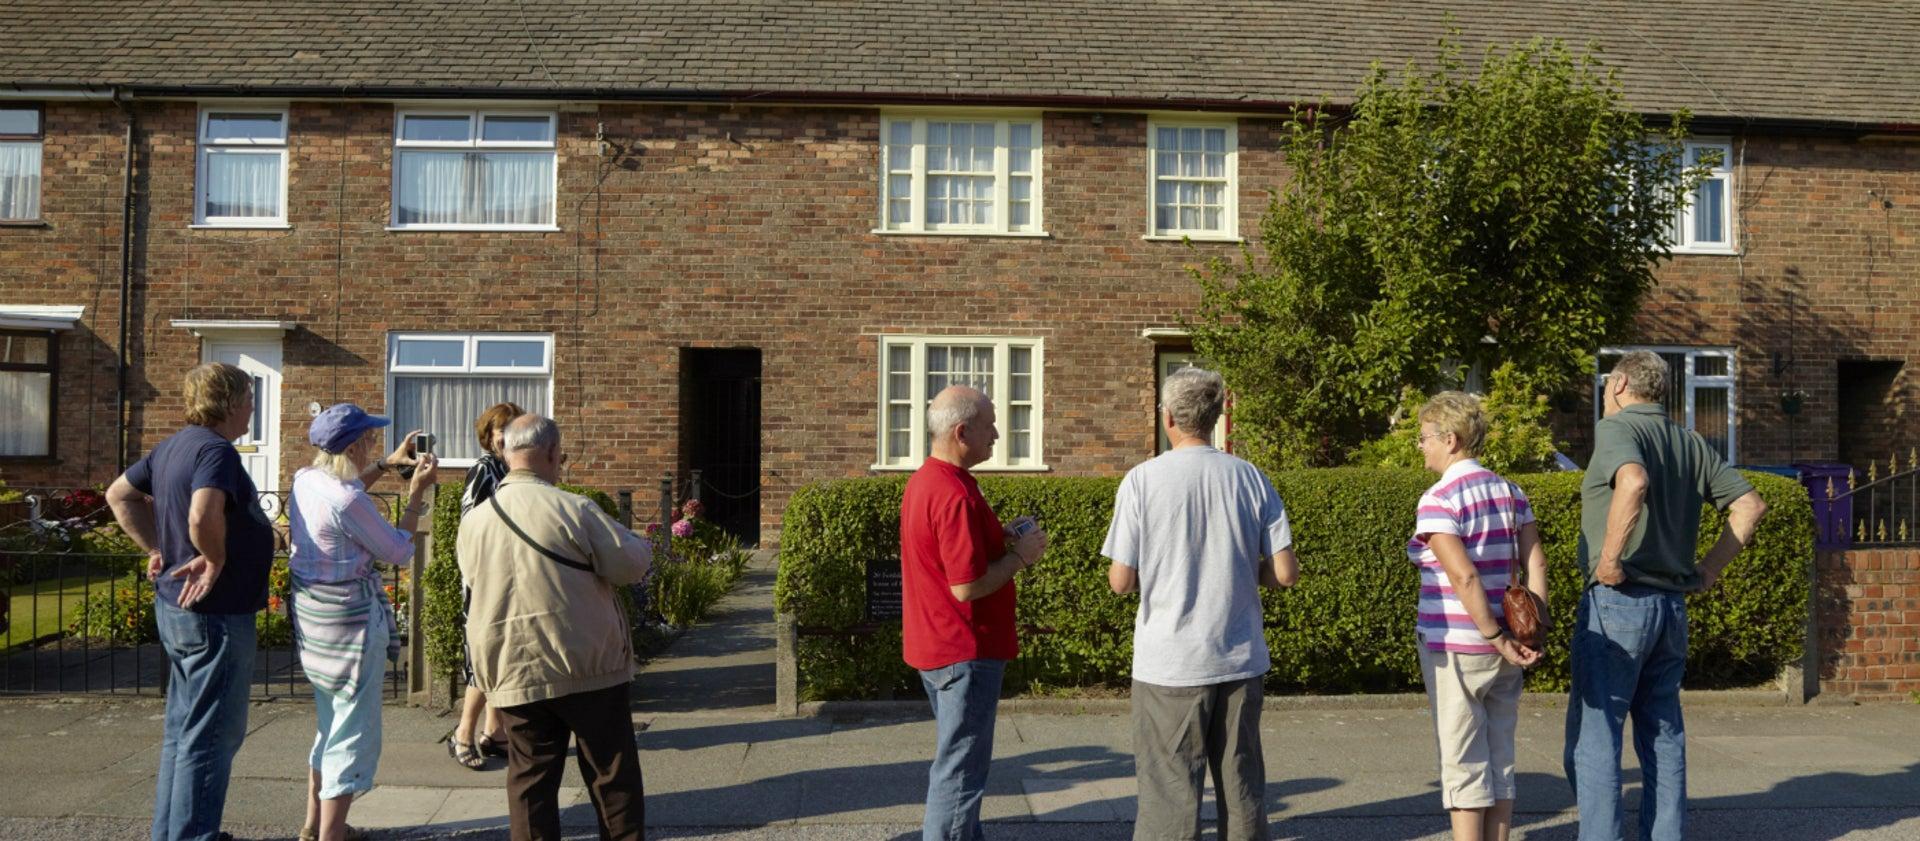 Beatles' Childhood Homes Tour - Jurys Inn pickup - November 2020